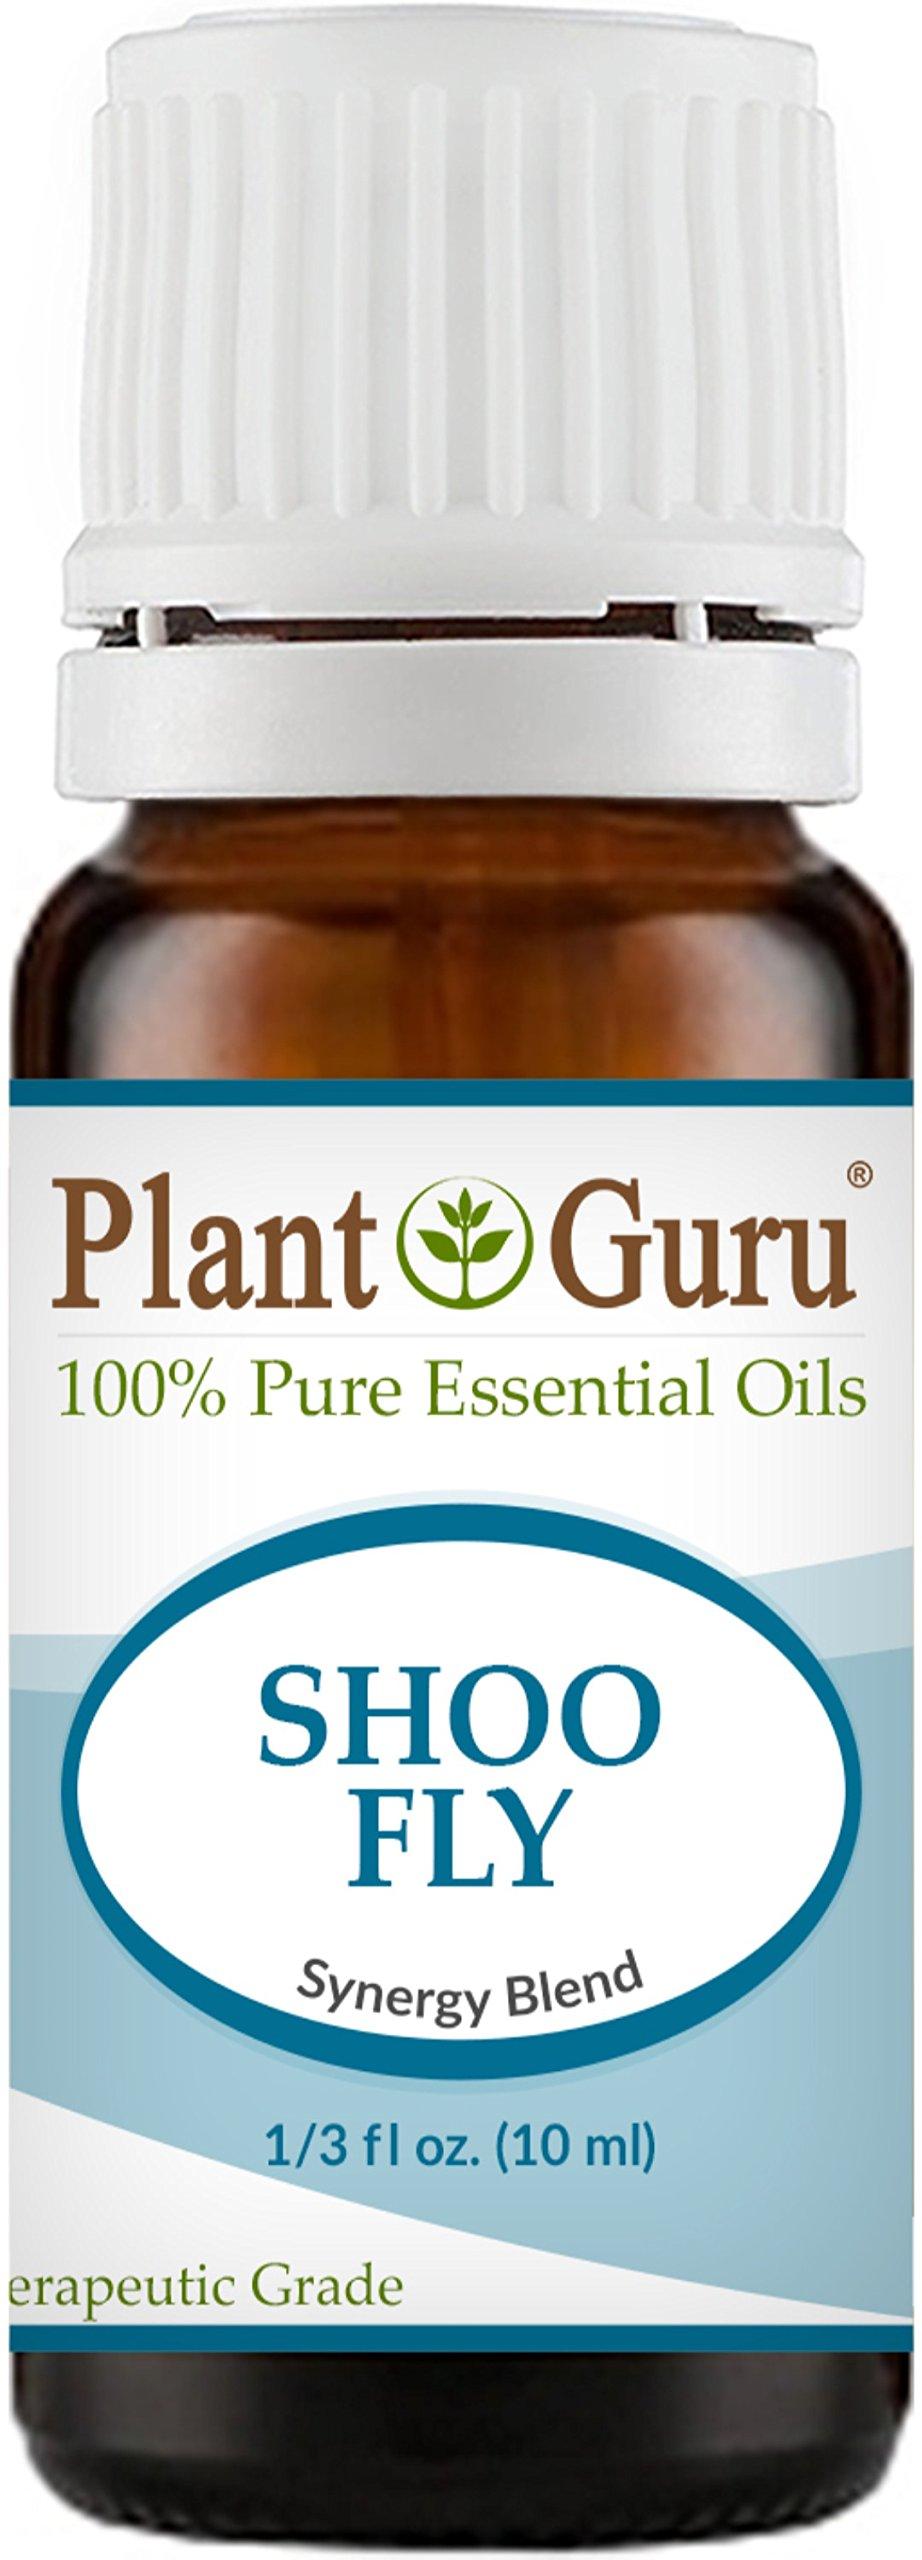 essential oil mosquito repellent pdf